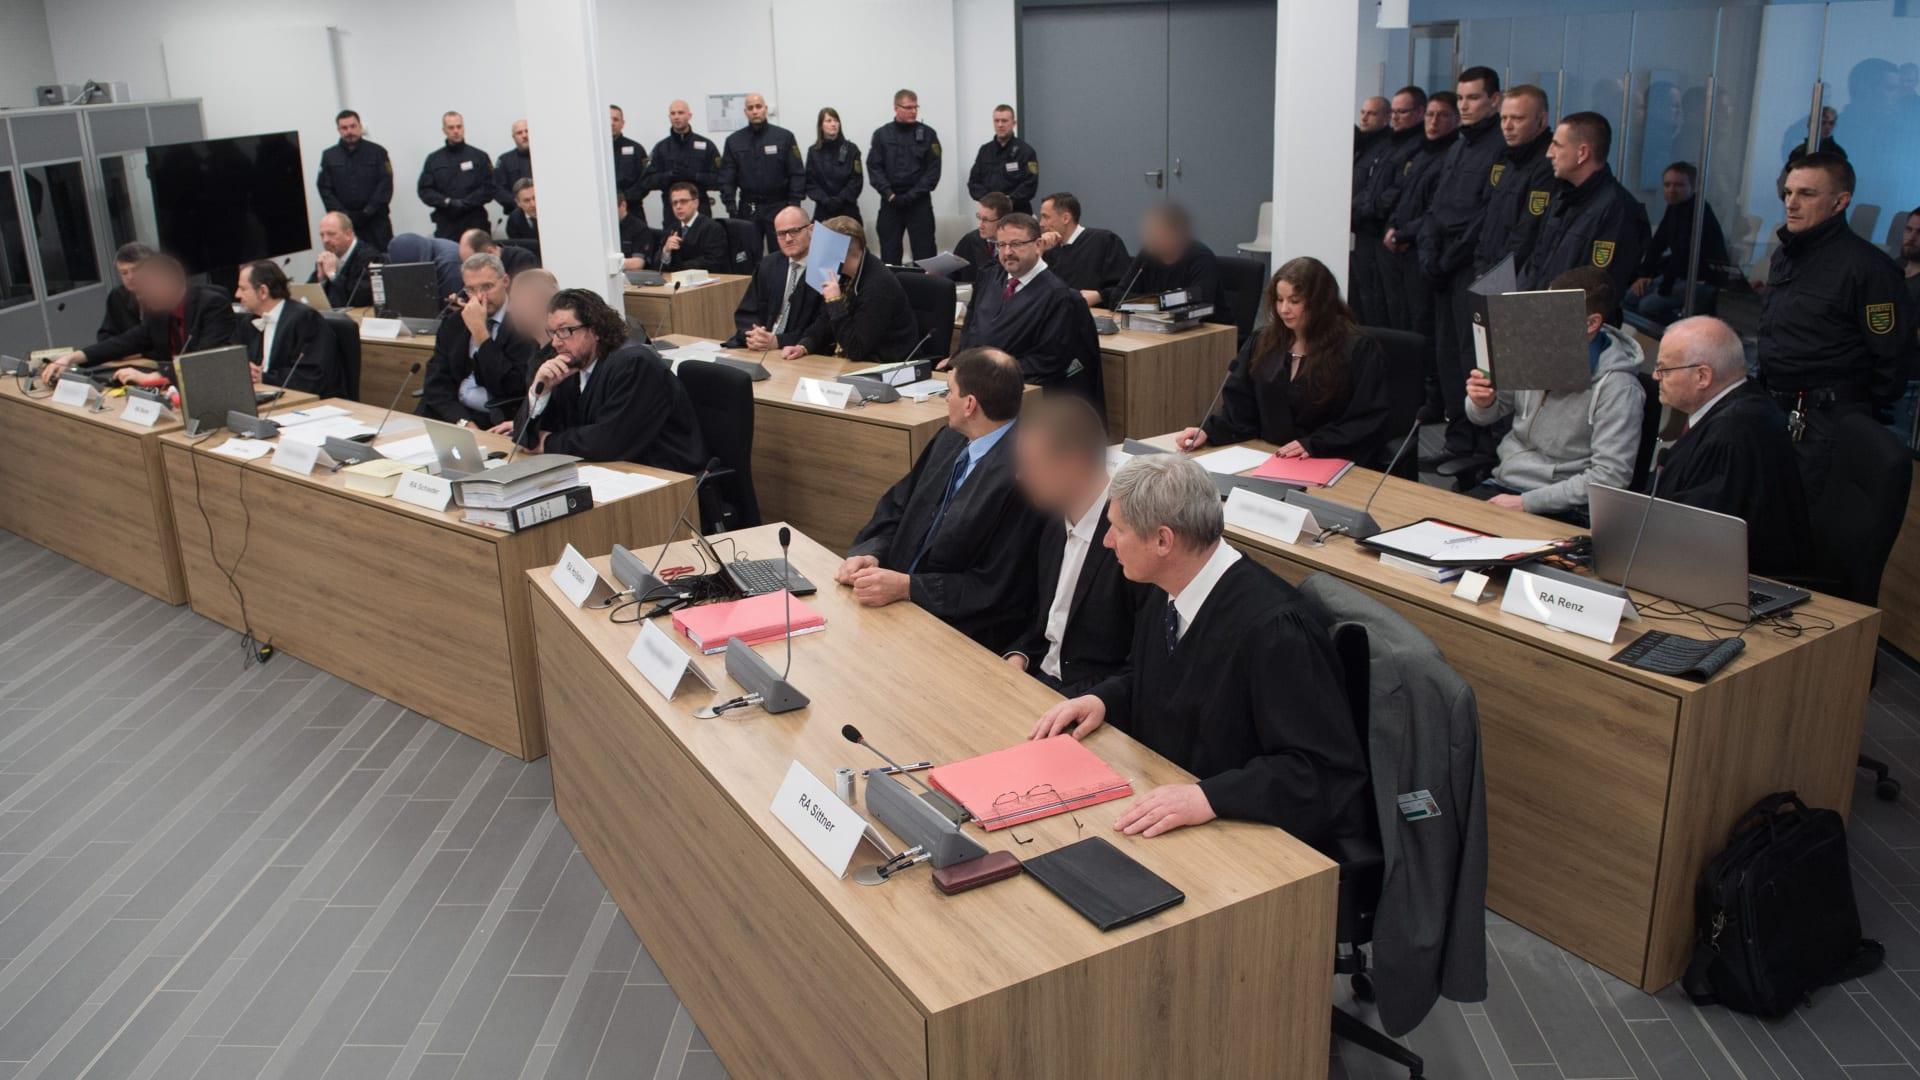 سابقة بألمانيا.. انتظار بت محكمة بقضية يمينيين هاجموا لاجئين